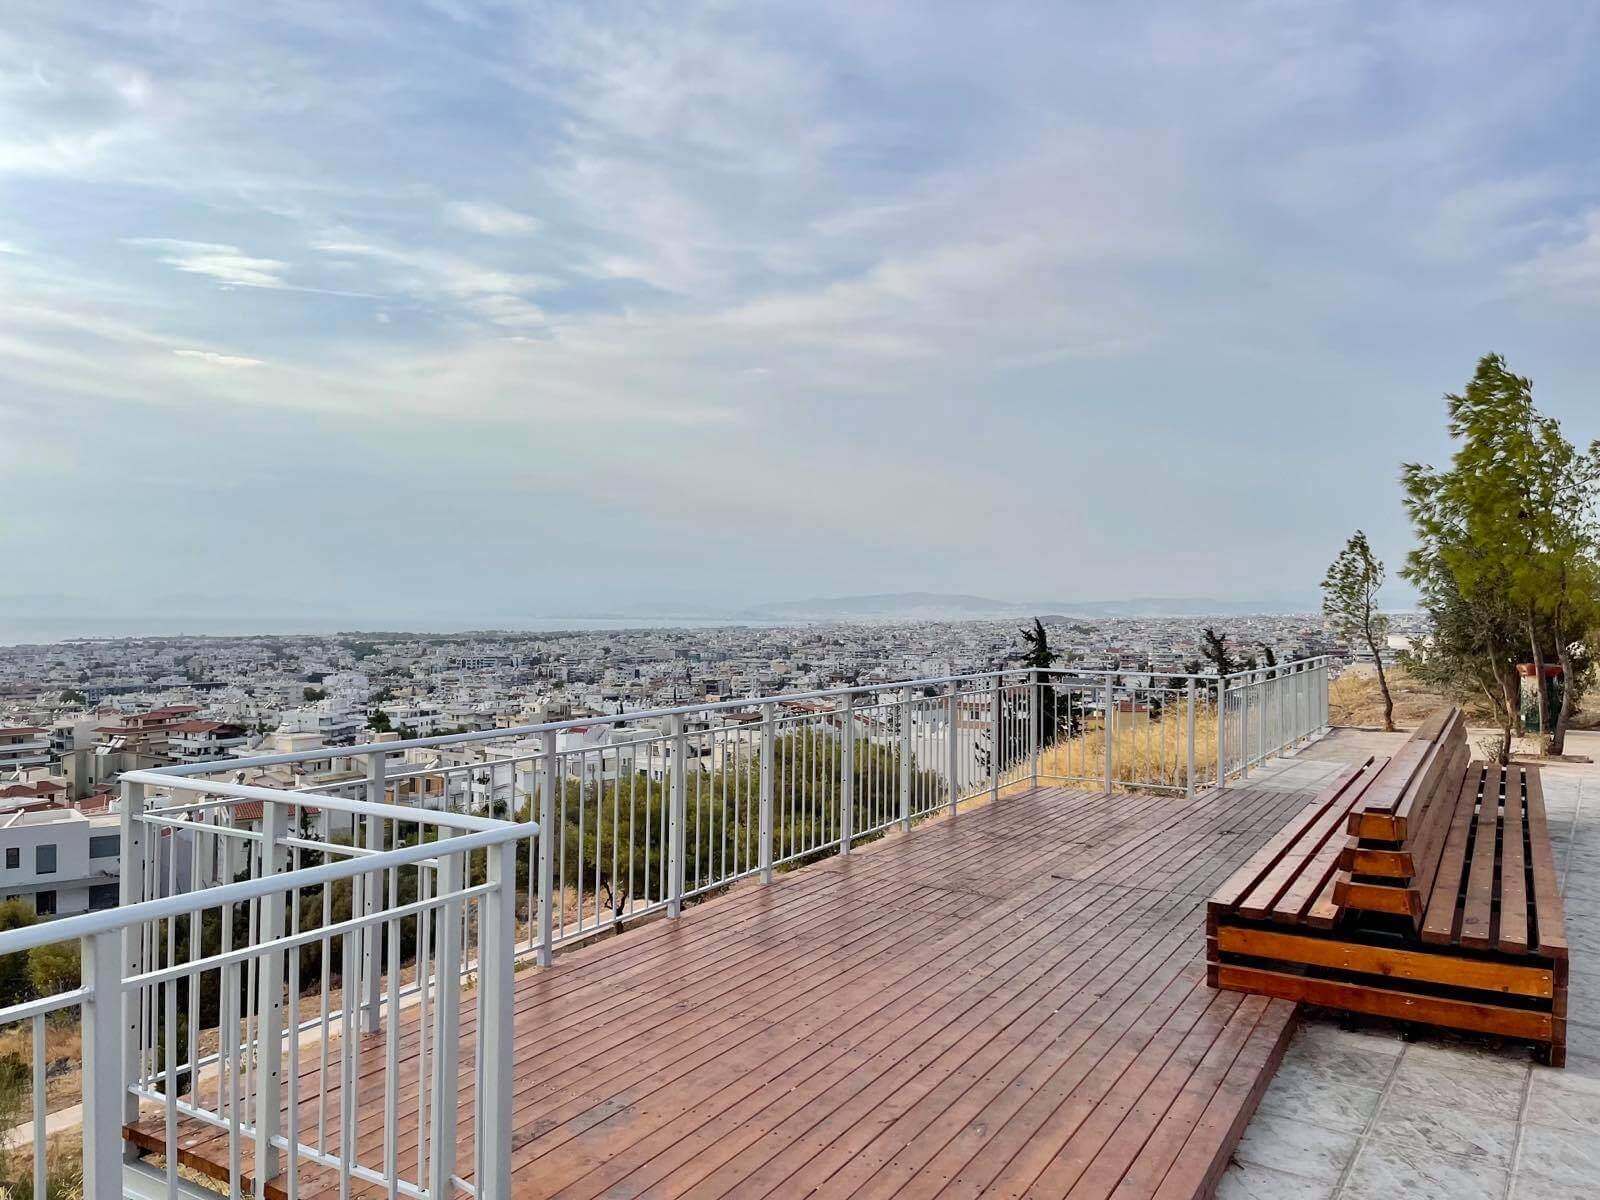 Δημόσιο μπαλκόνι με θέα στην Αιξωνή Γλυφάδας